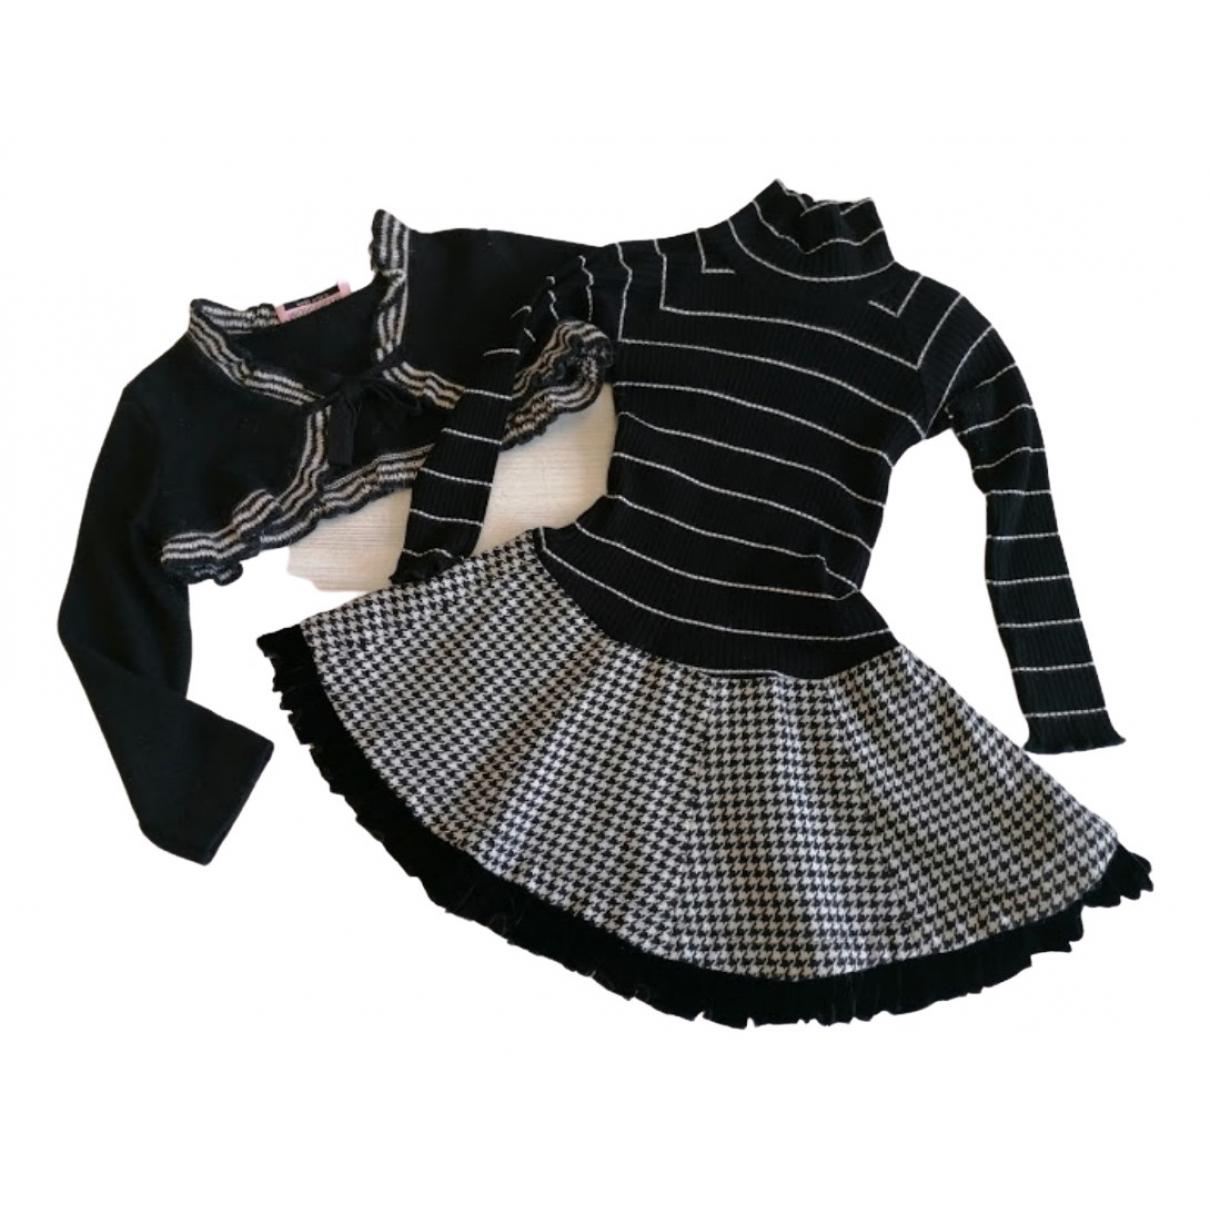 Monnalisa \N Kleid in  Schwarz Viskose